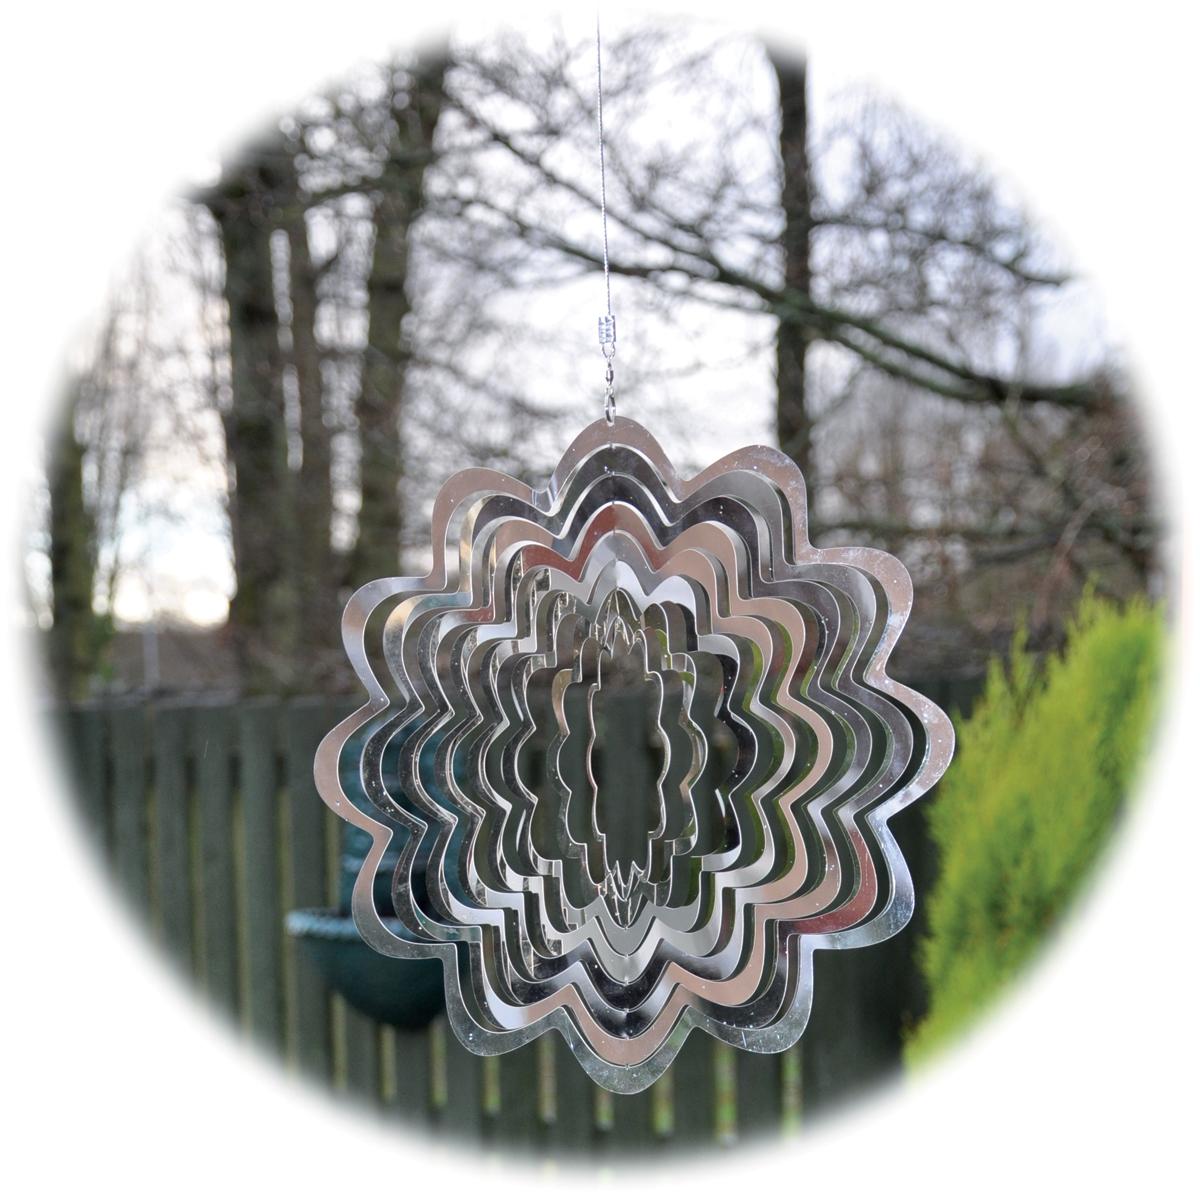 Stainless steel garden windspinner - Flower